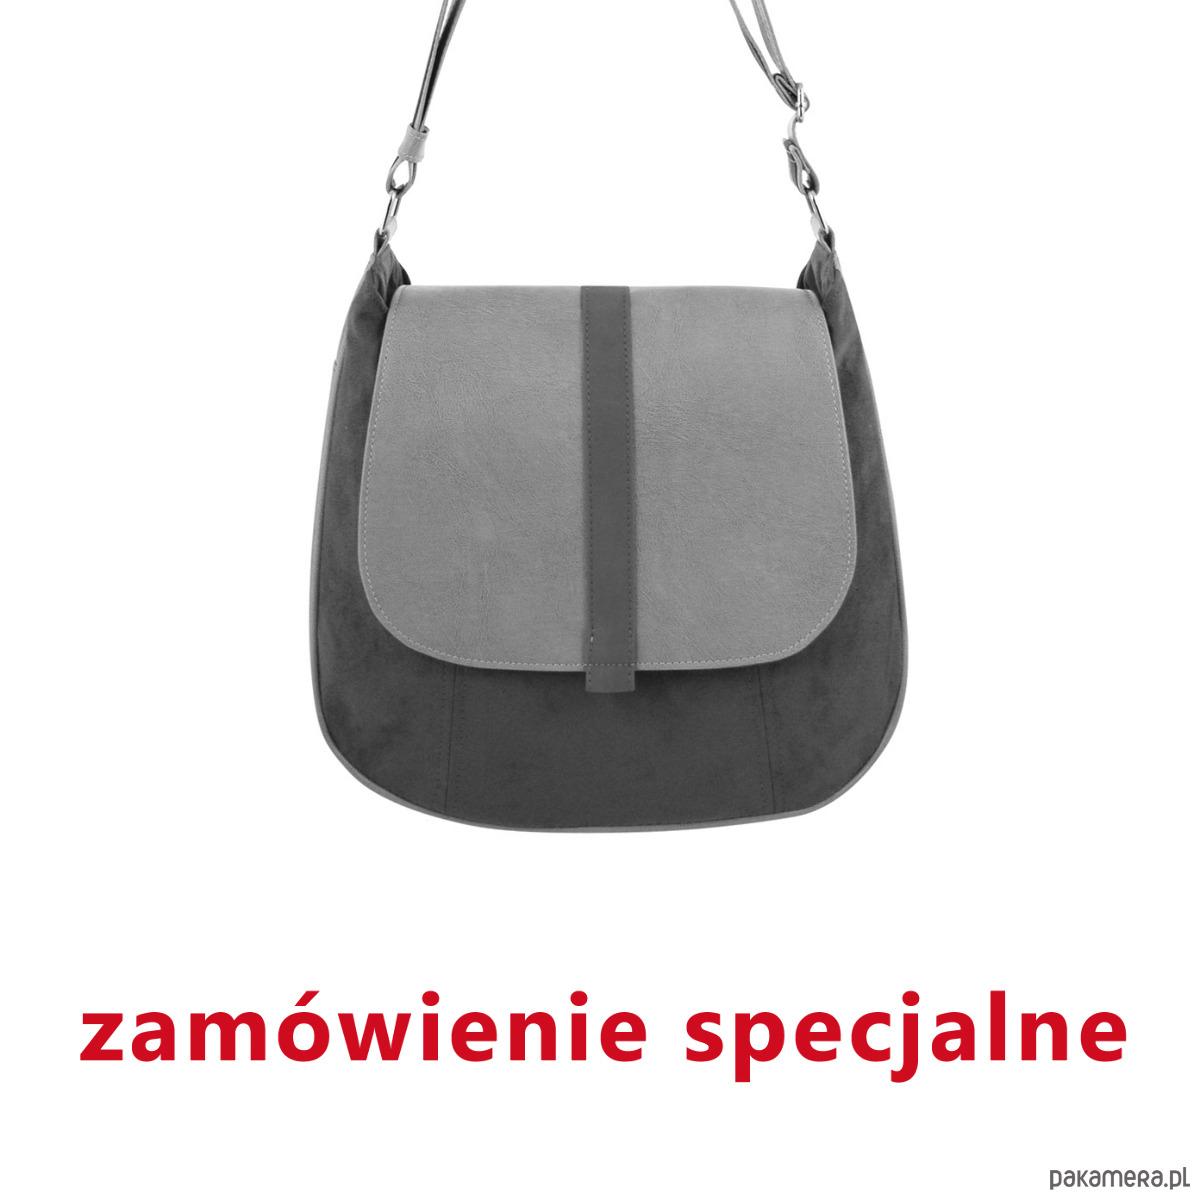 a2894f7c759ba SASHKA - zamówienie specjalne - torby na ramię - damskie - Pakamera.pl